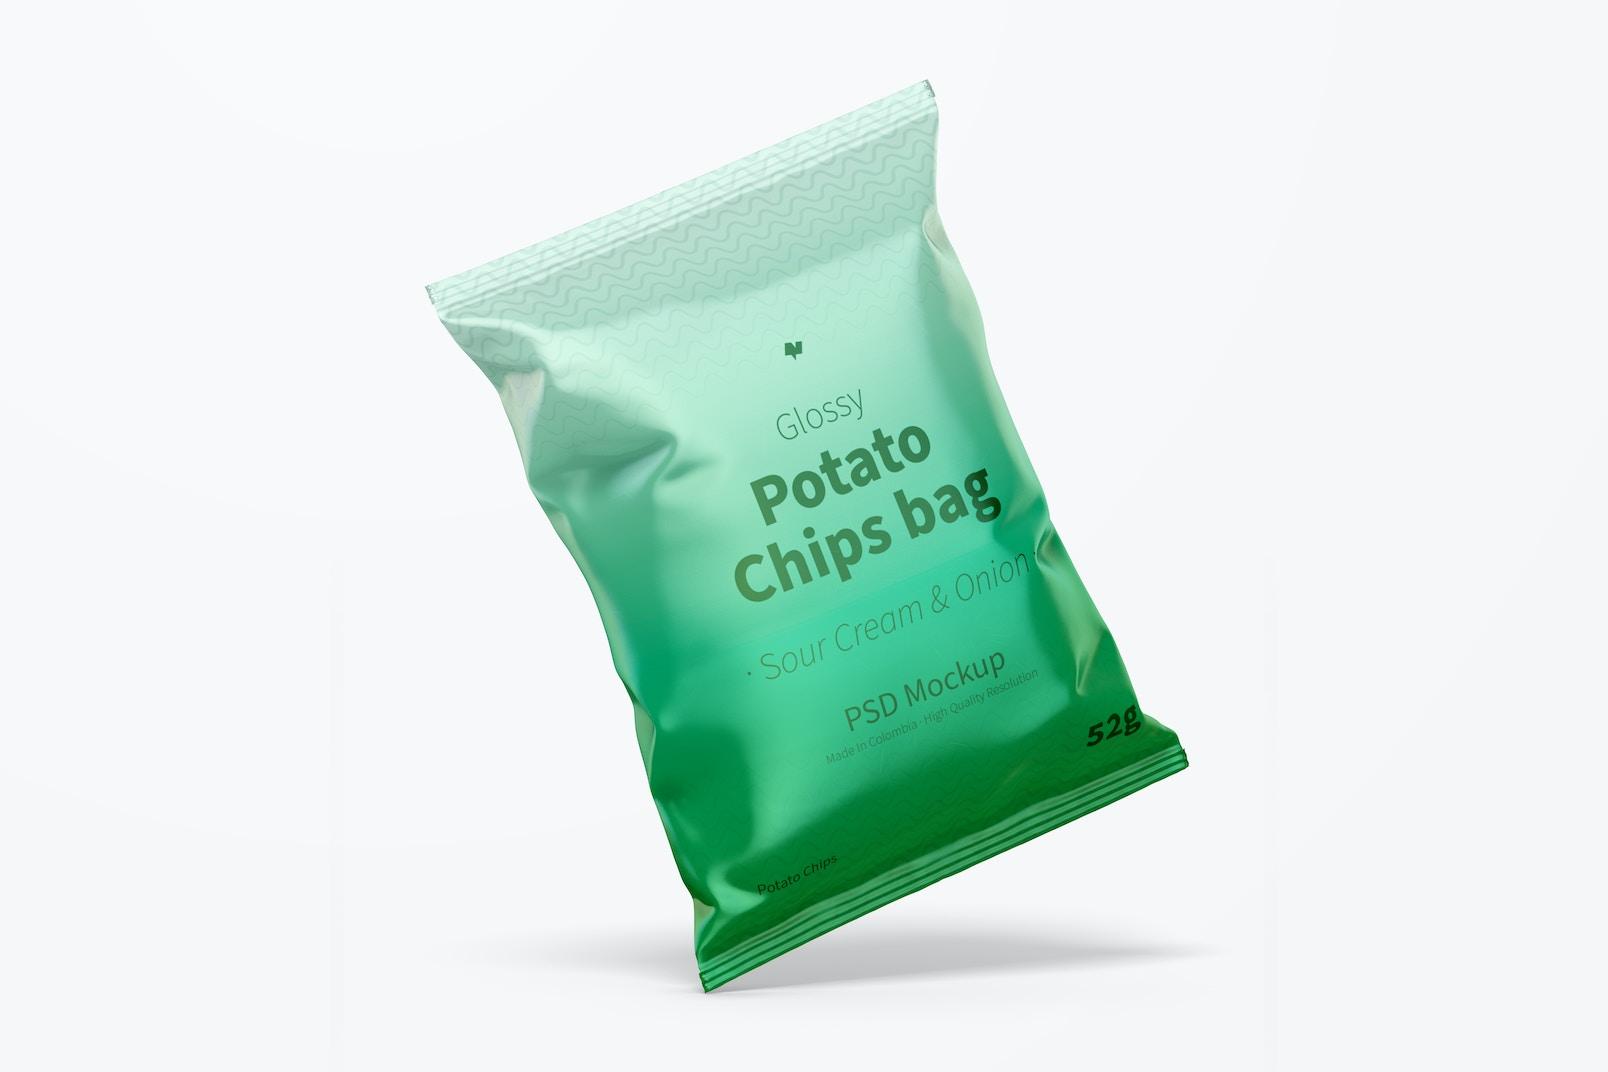 Glossy Chips Bag Mockup, Leaned